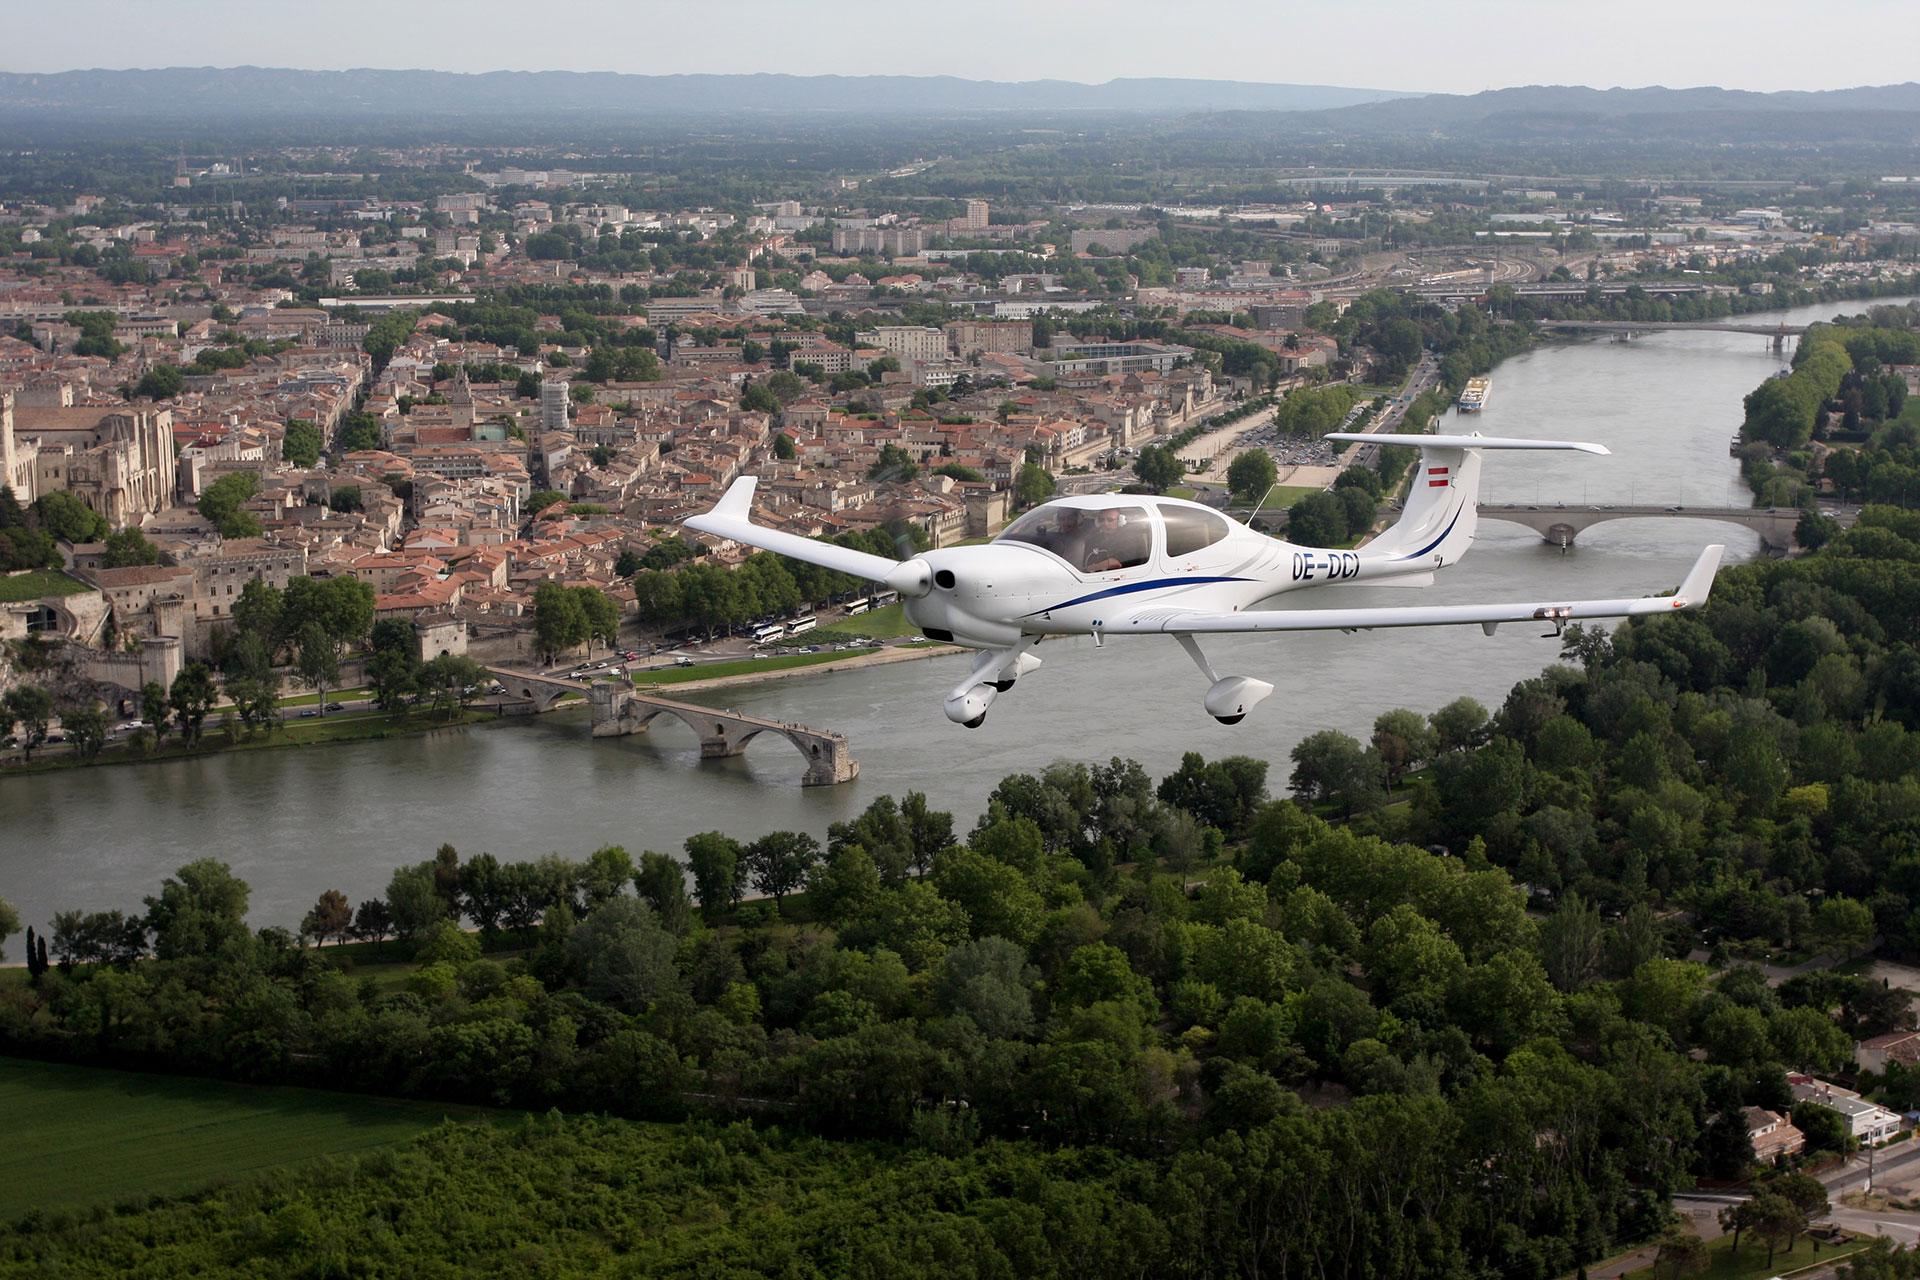 DA 40 - DIAMOND AIRCRAFT | ATA by Pelletier - Avignon